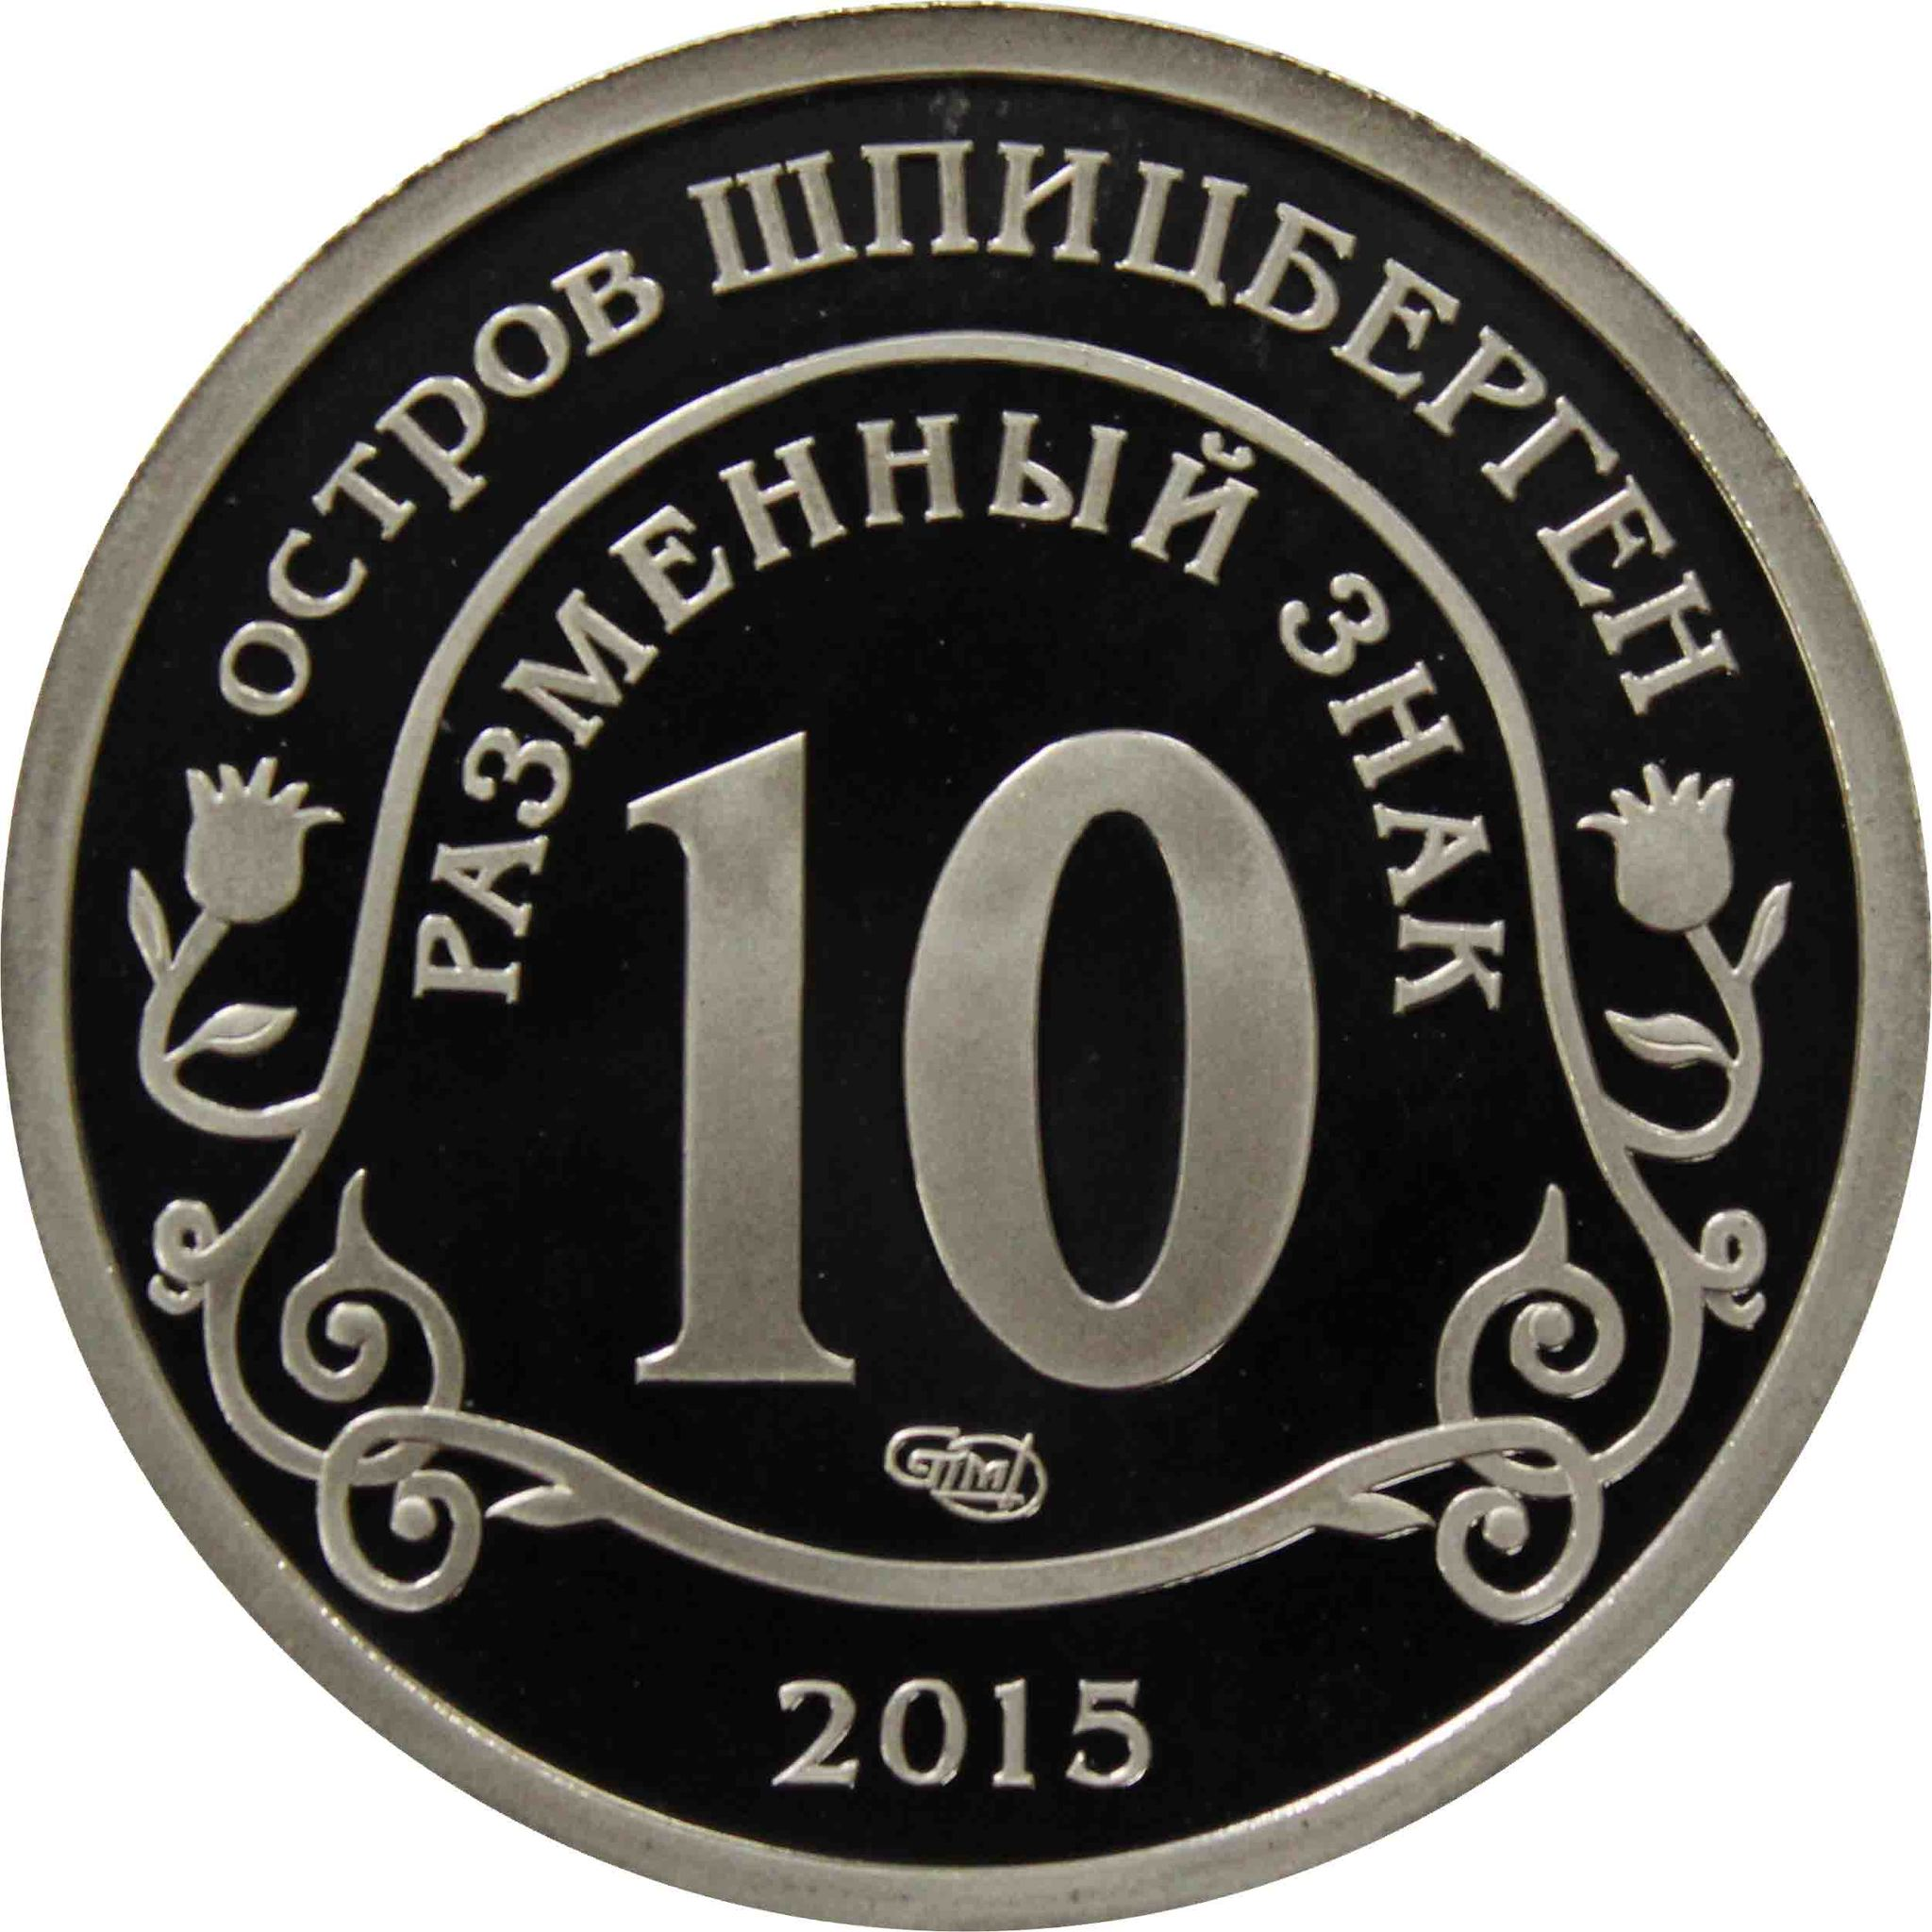 10 Разменный знак. Остров Шпицберген. 2015